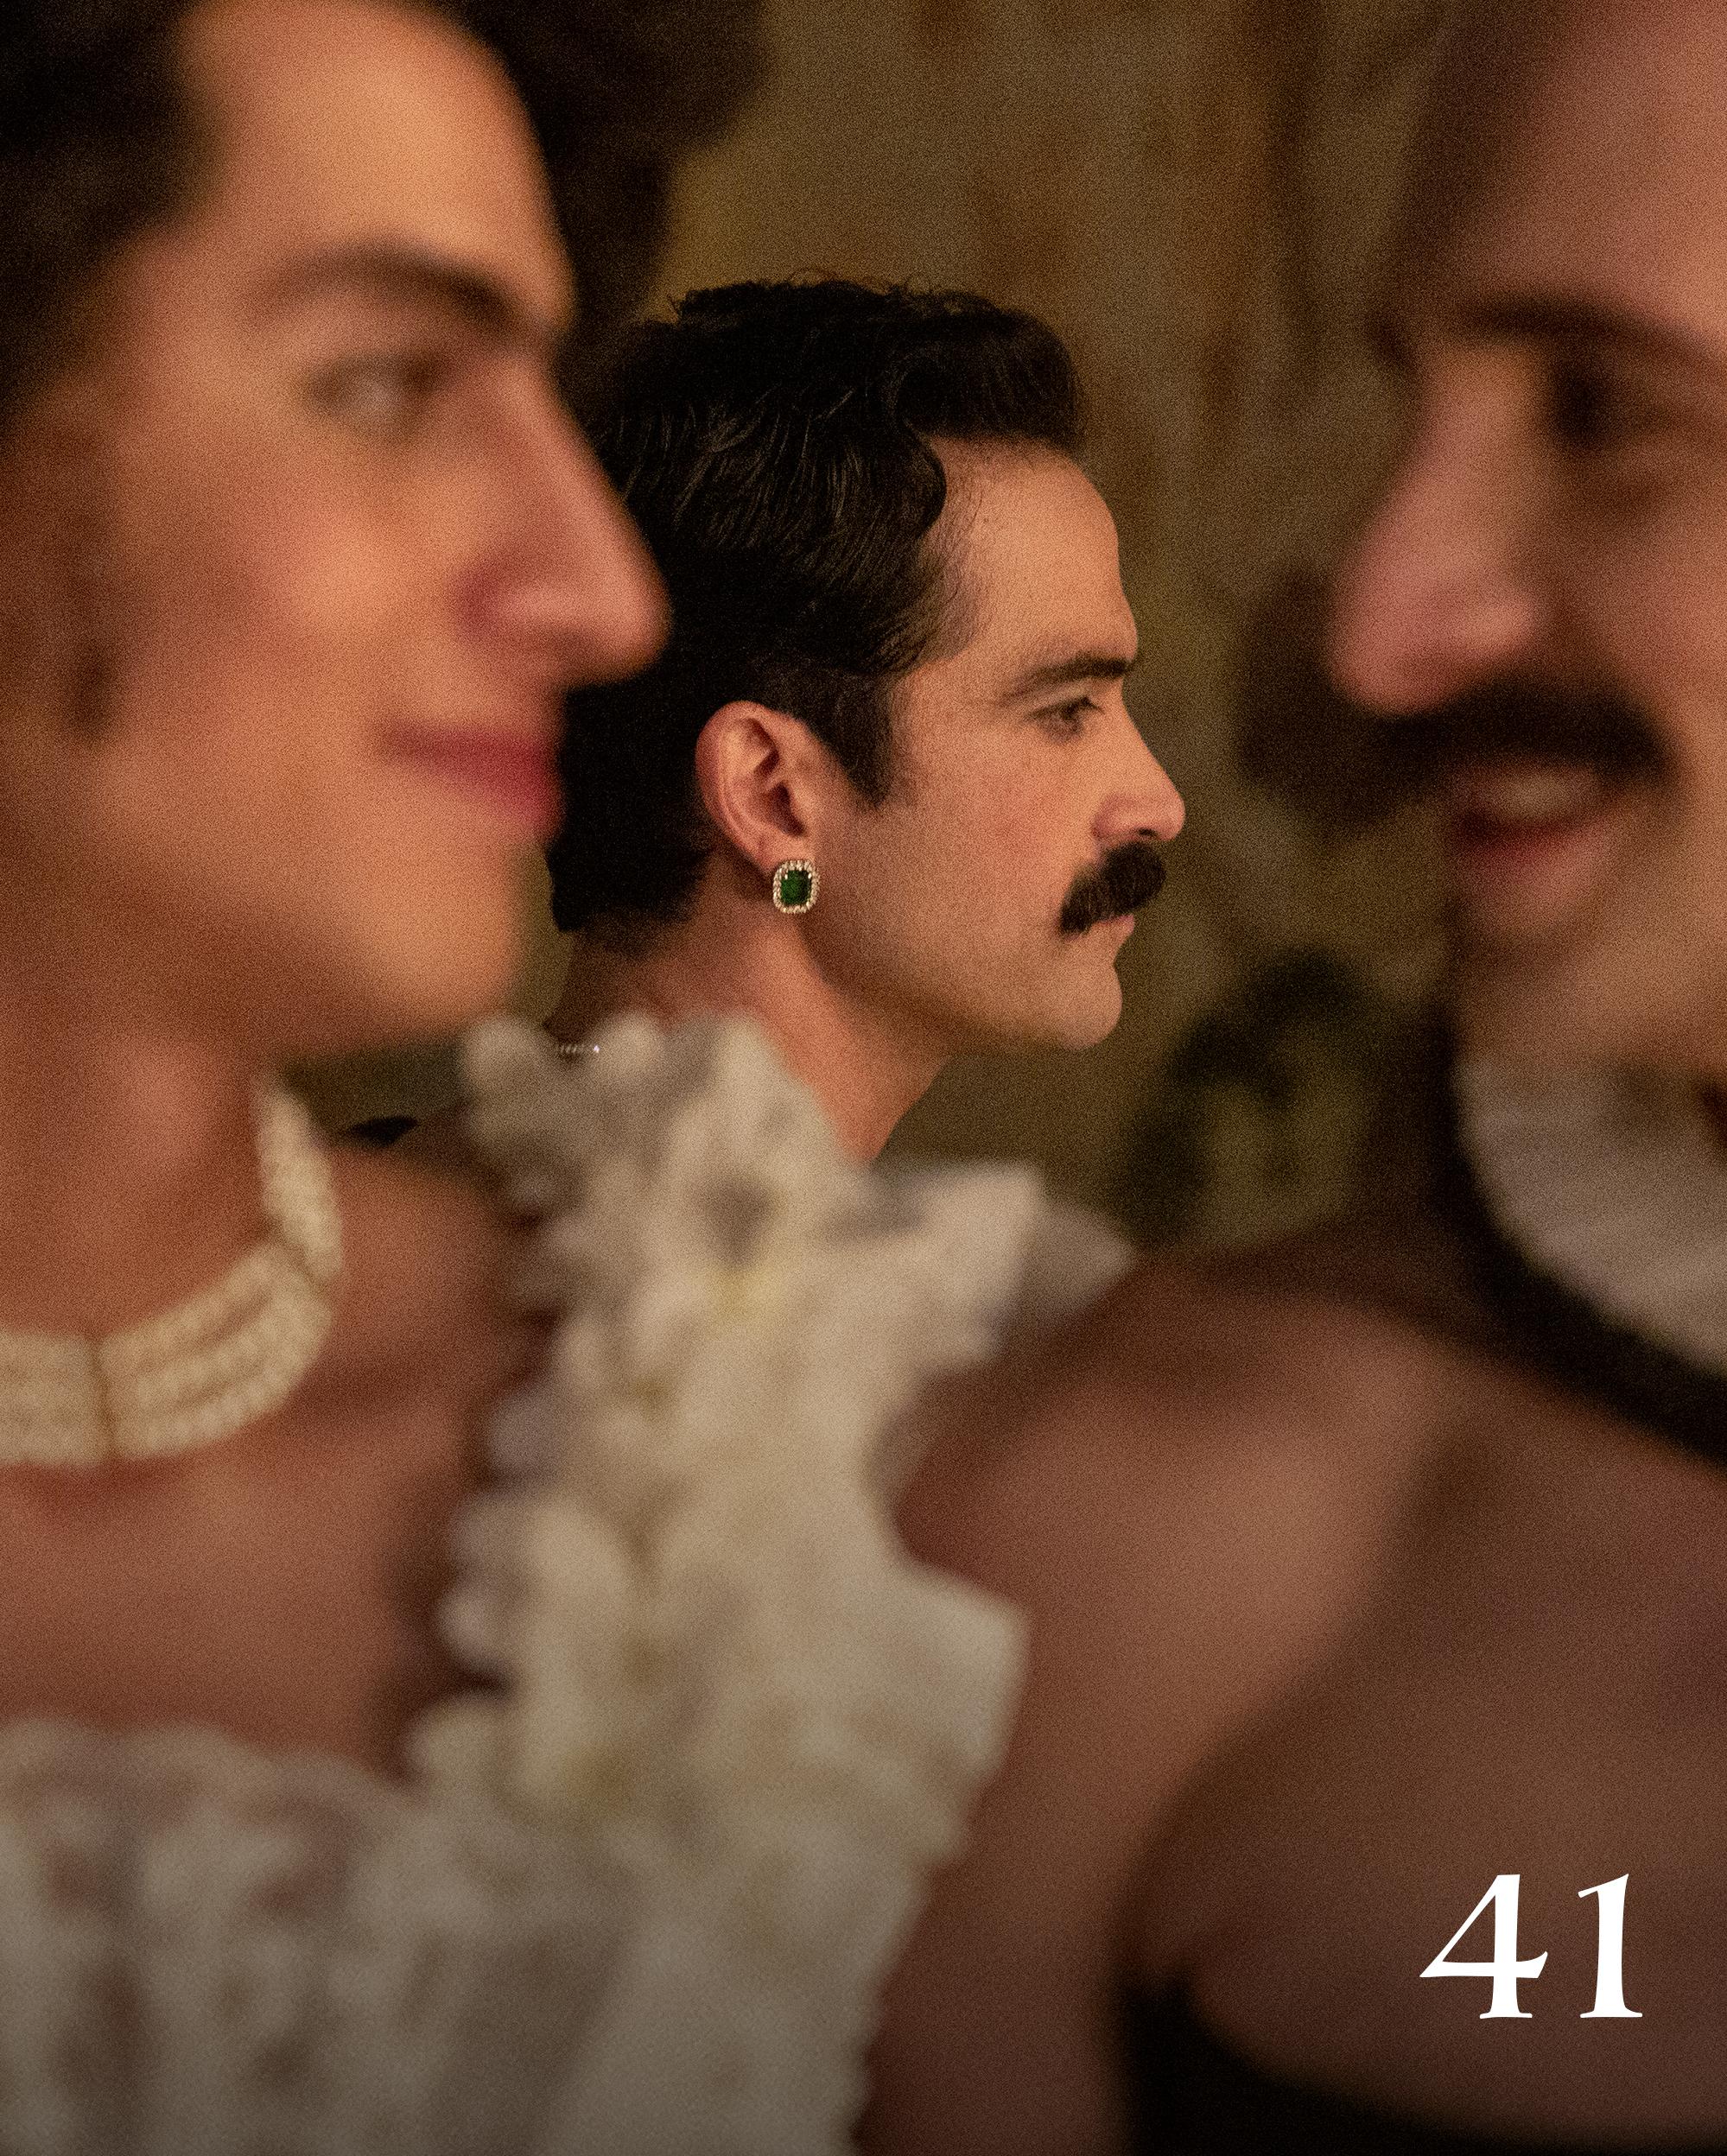 El baile de los 41, la historia detrás y todo lo que sabemos de la película  LGBTTTI